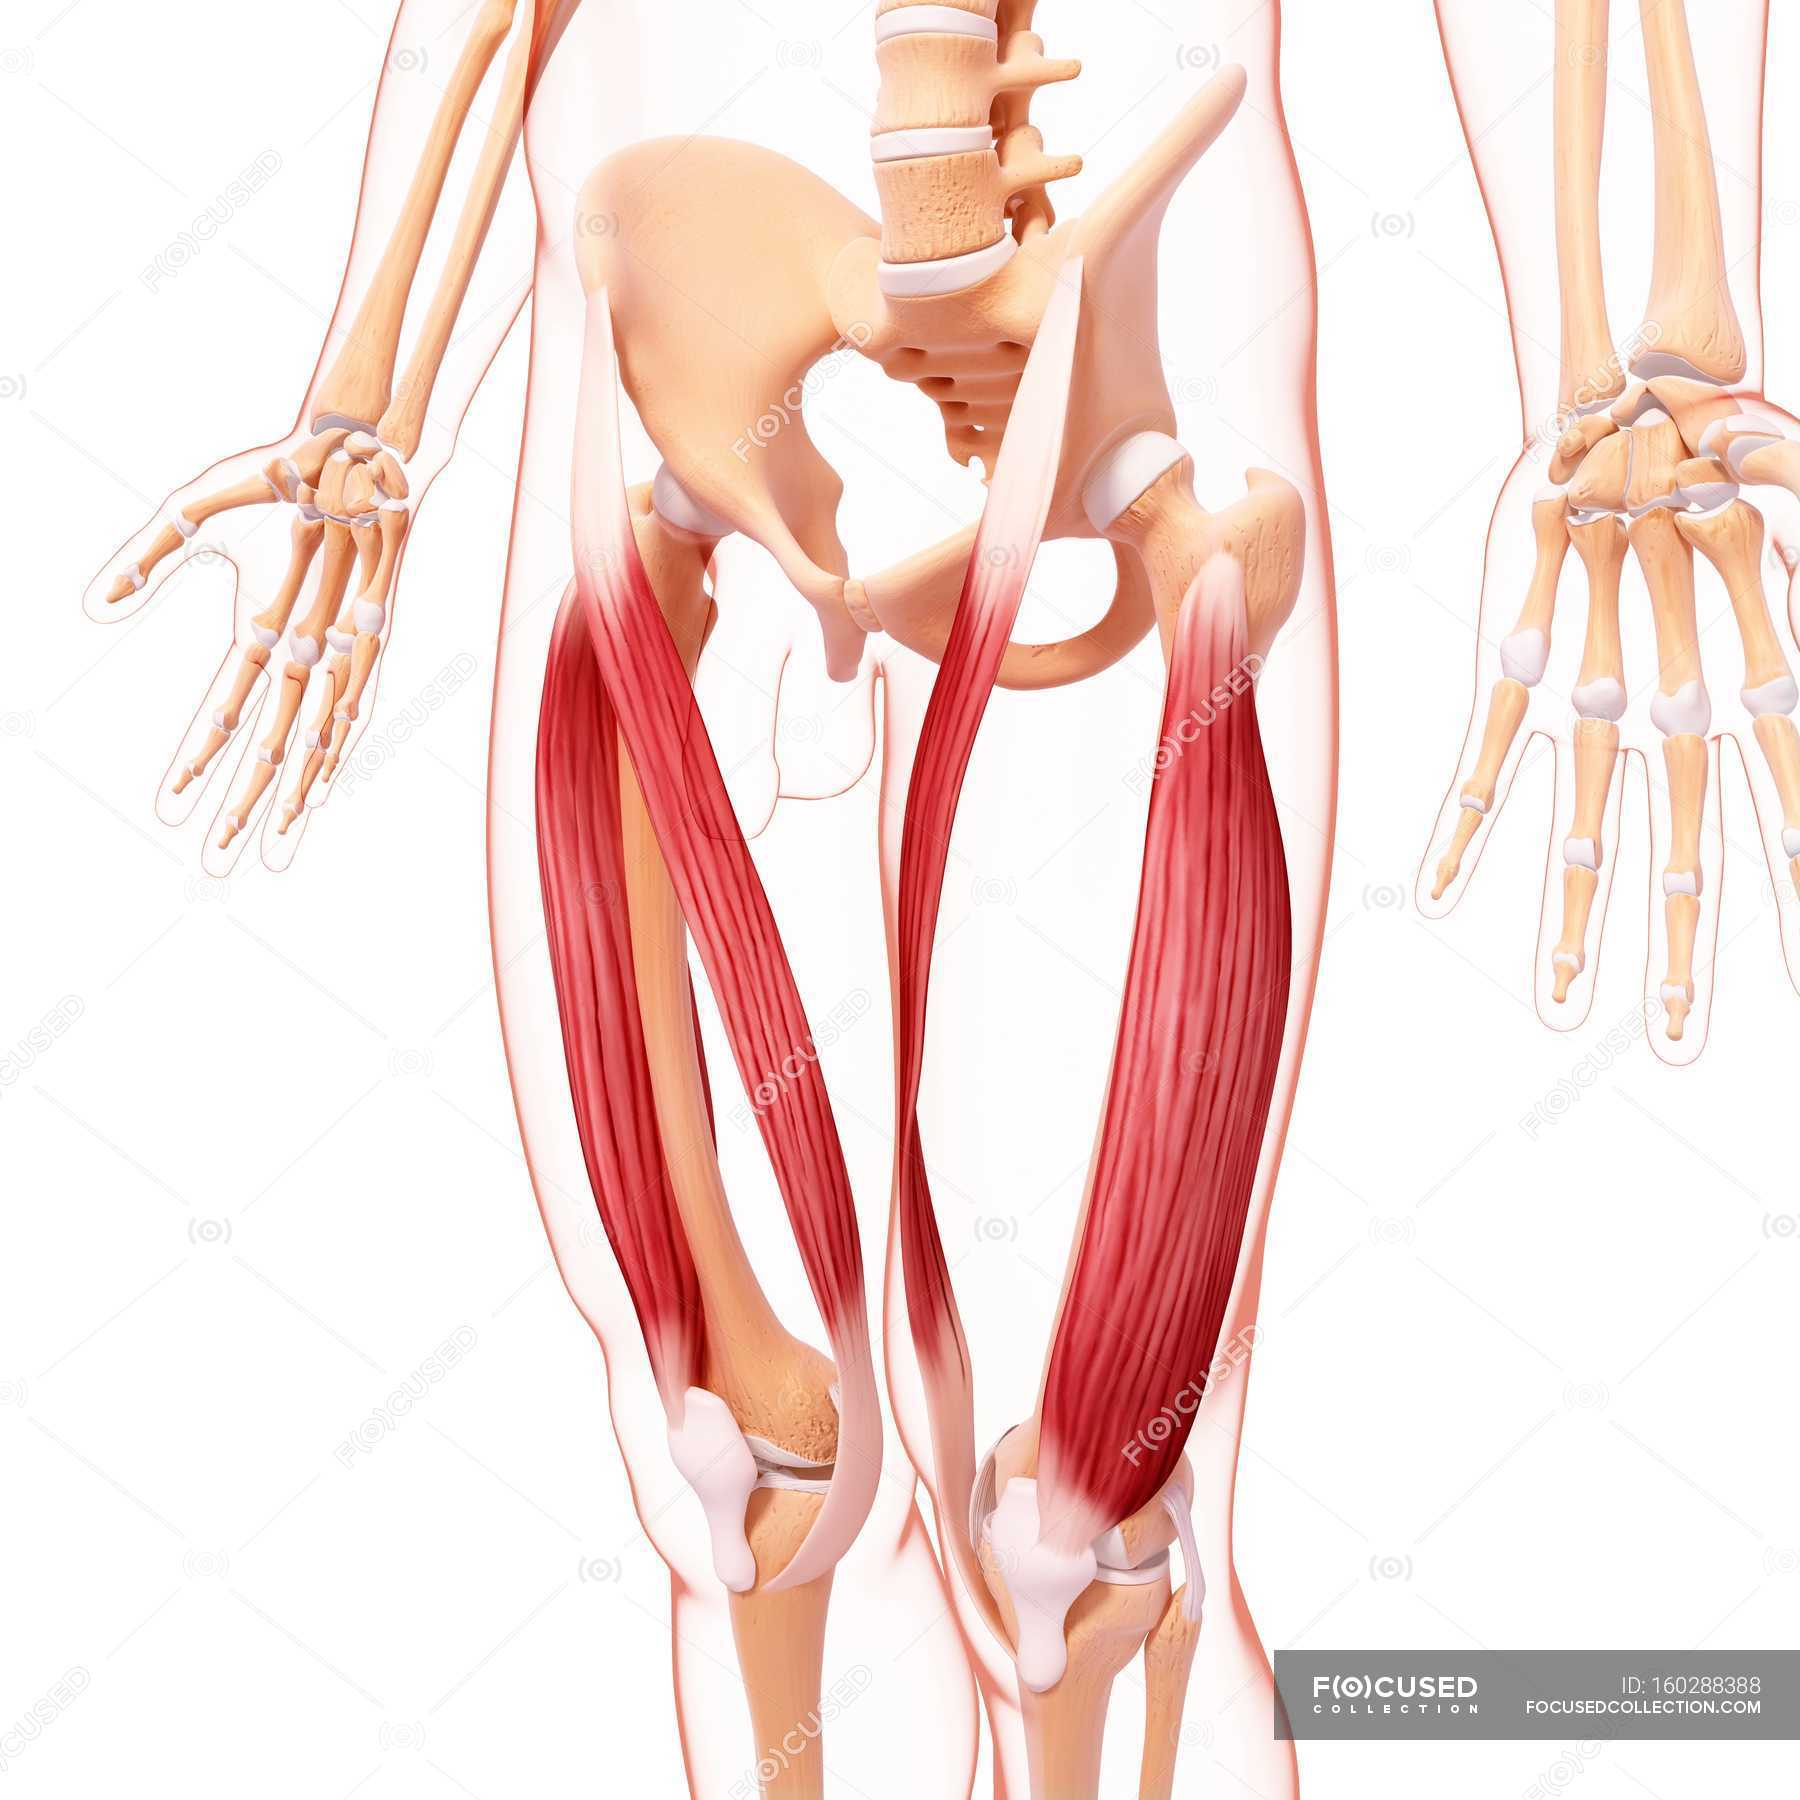 Menschliche Beine Muskulatur — Stockfoto   #160288388